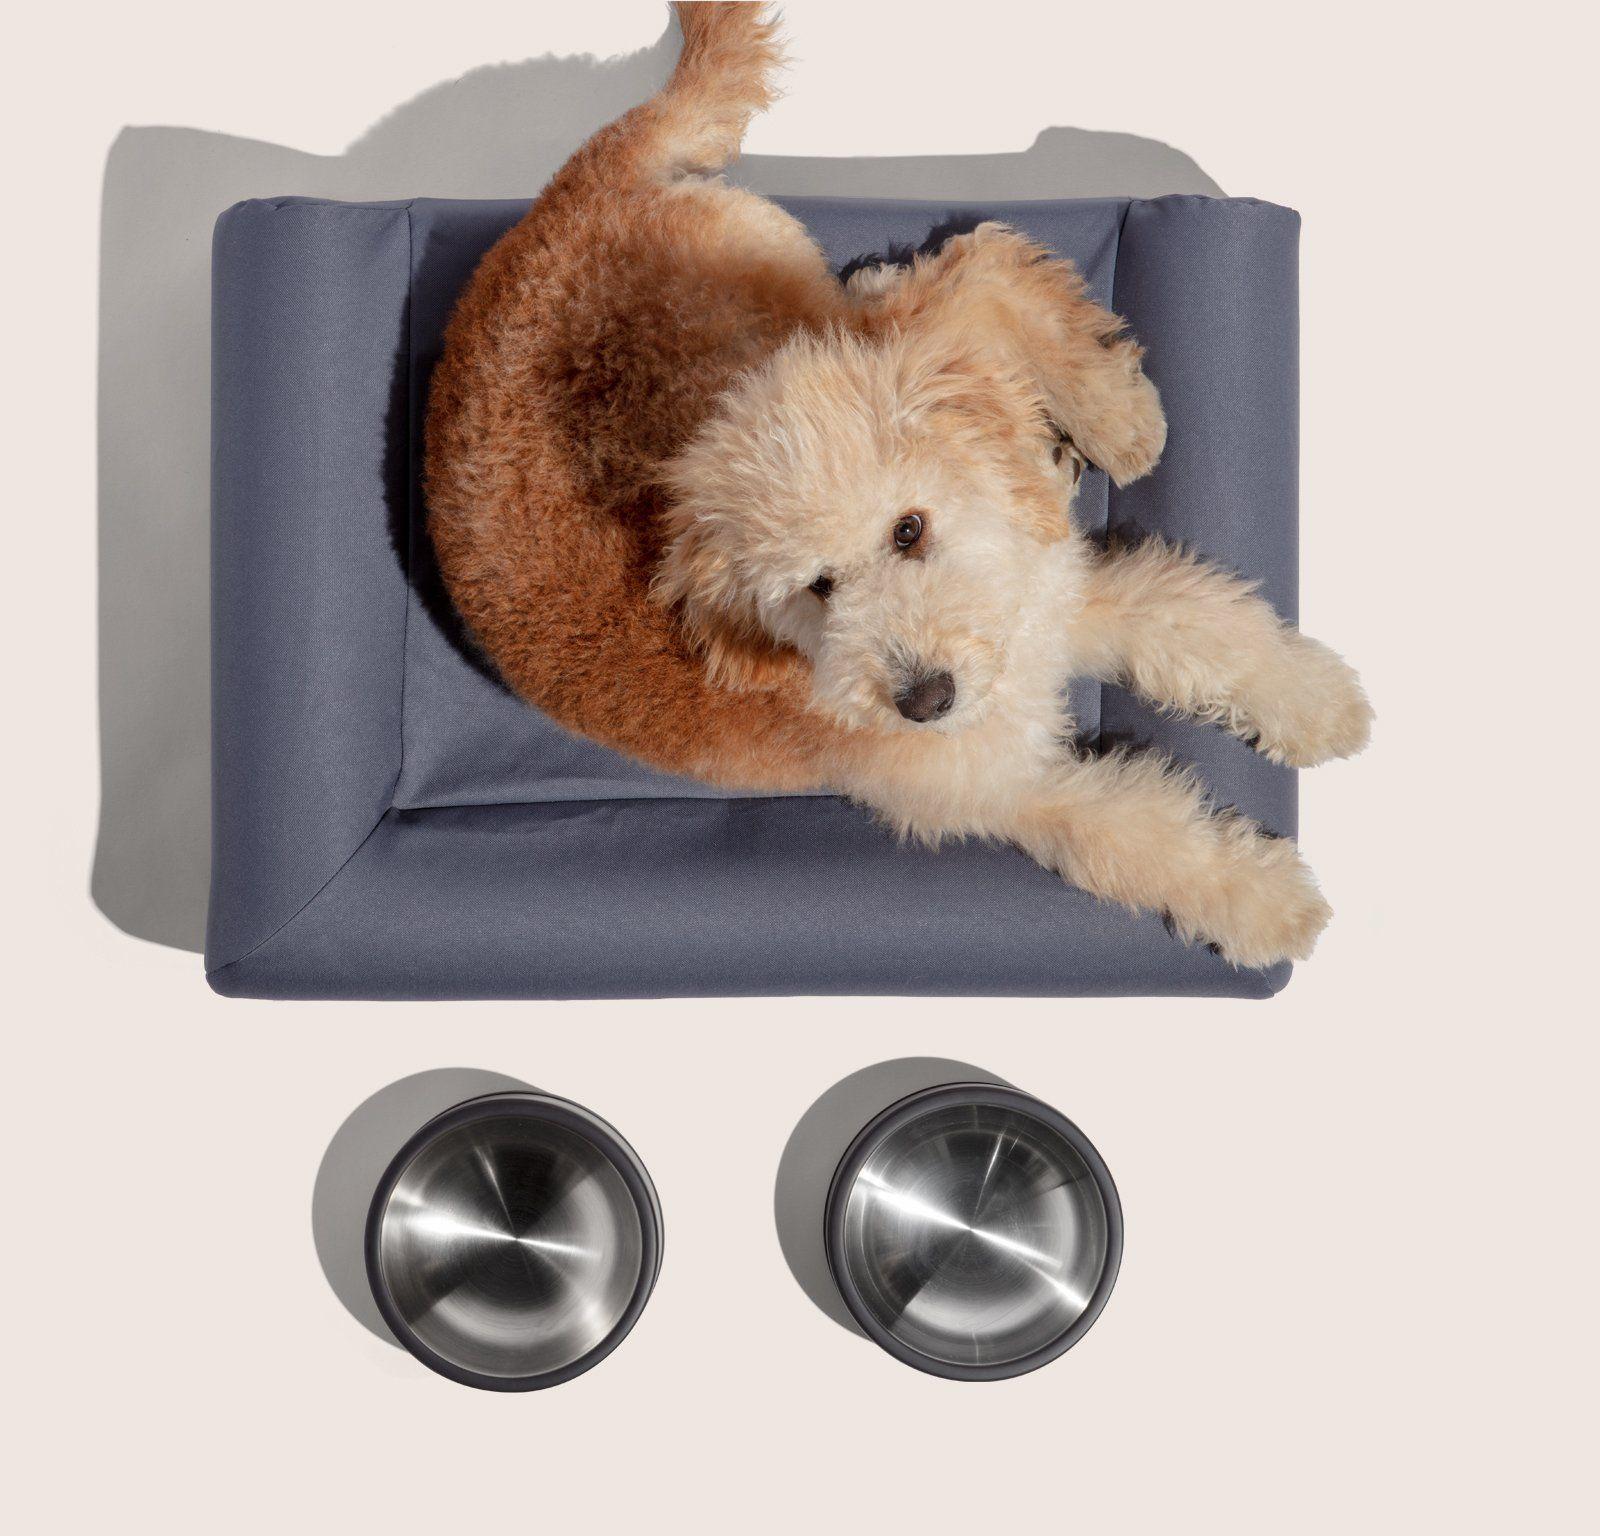 Home Kit Sleeping dogs, Dog bed, Luxury dog